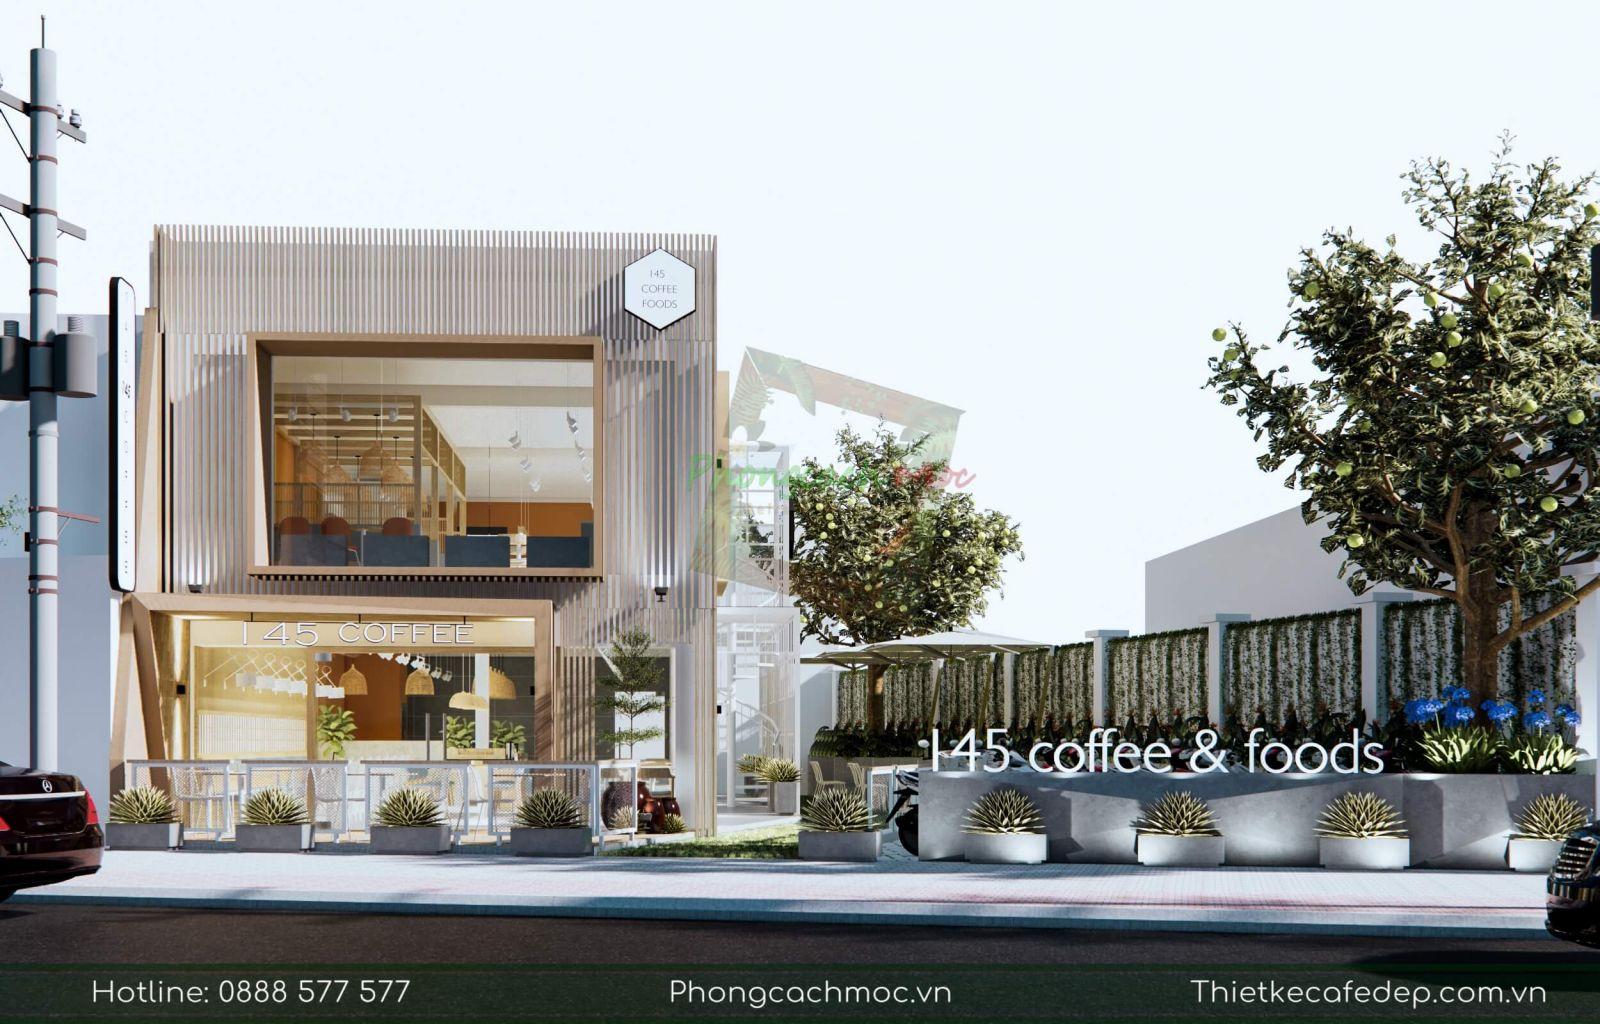 thiết kế quán cafe 145 coffee